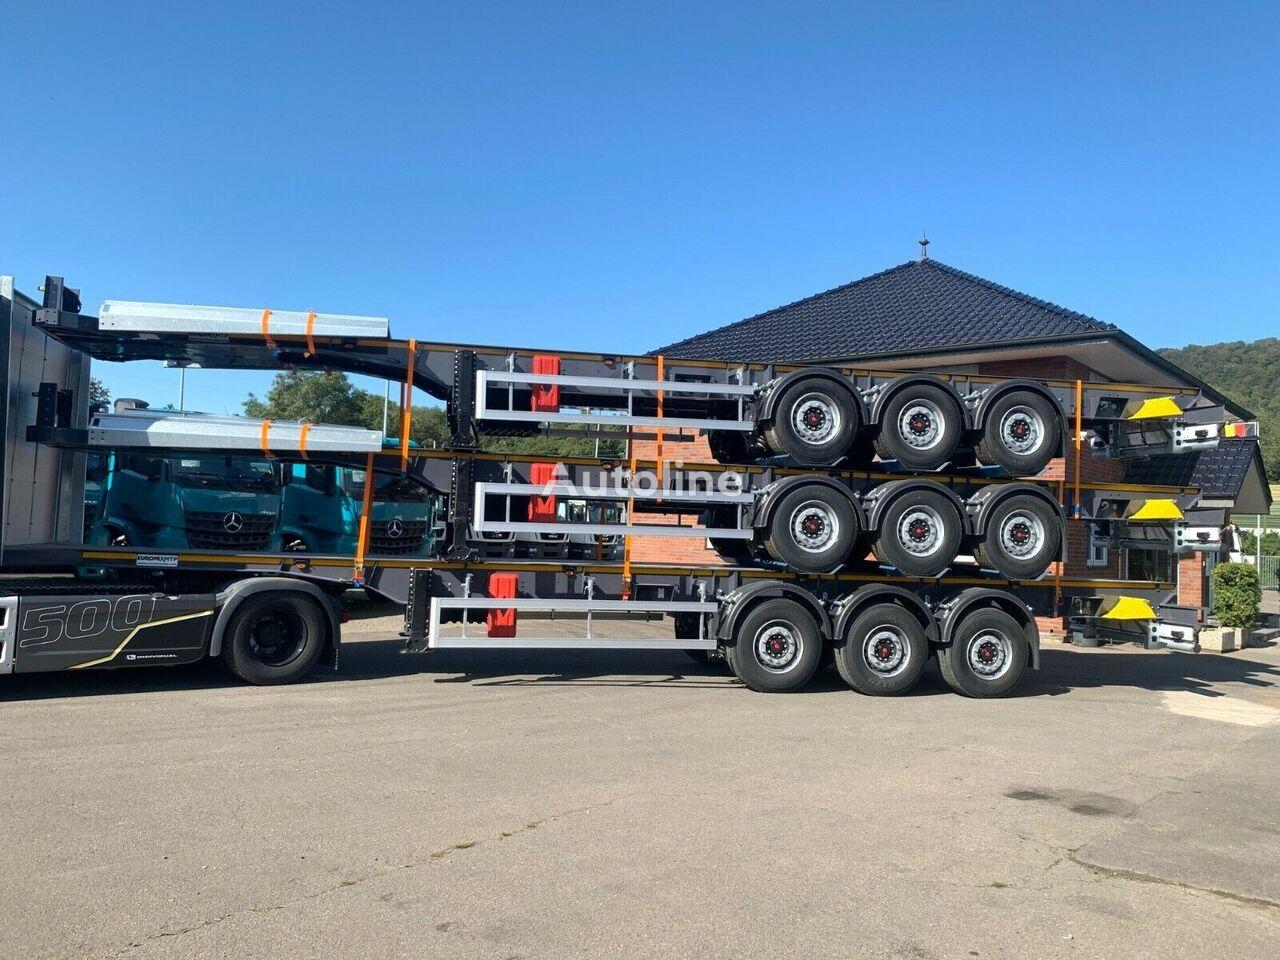 new EuromixMTP Schemel Holz chassis semi-trailer